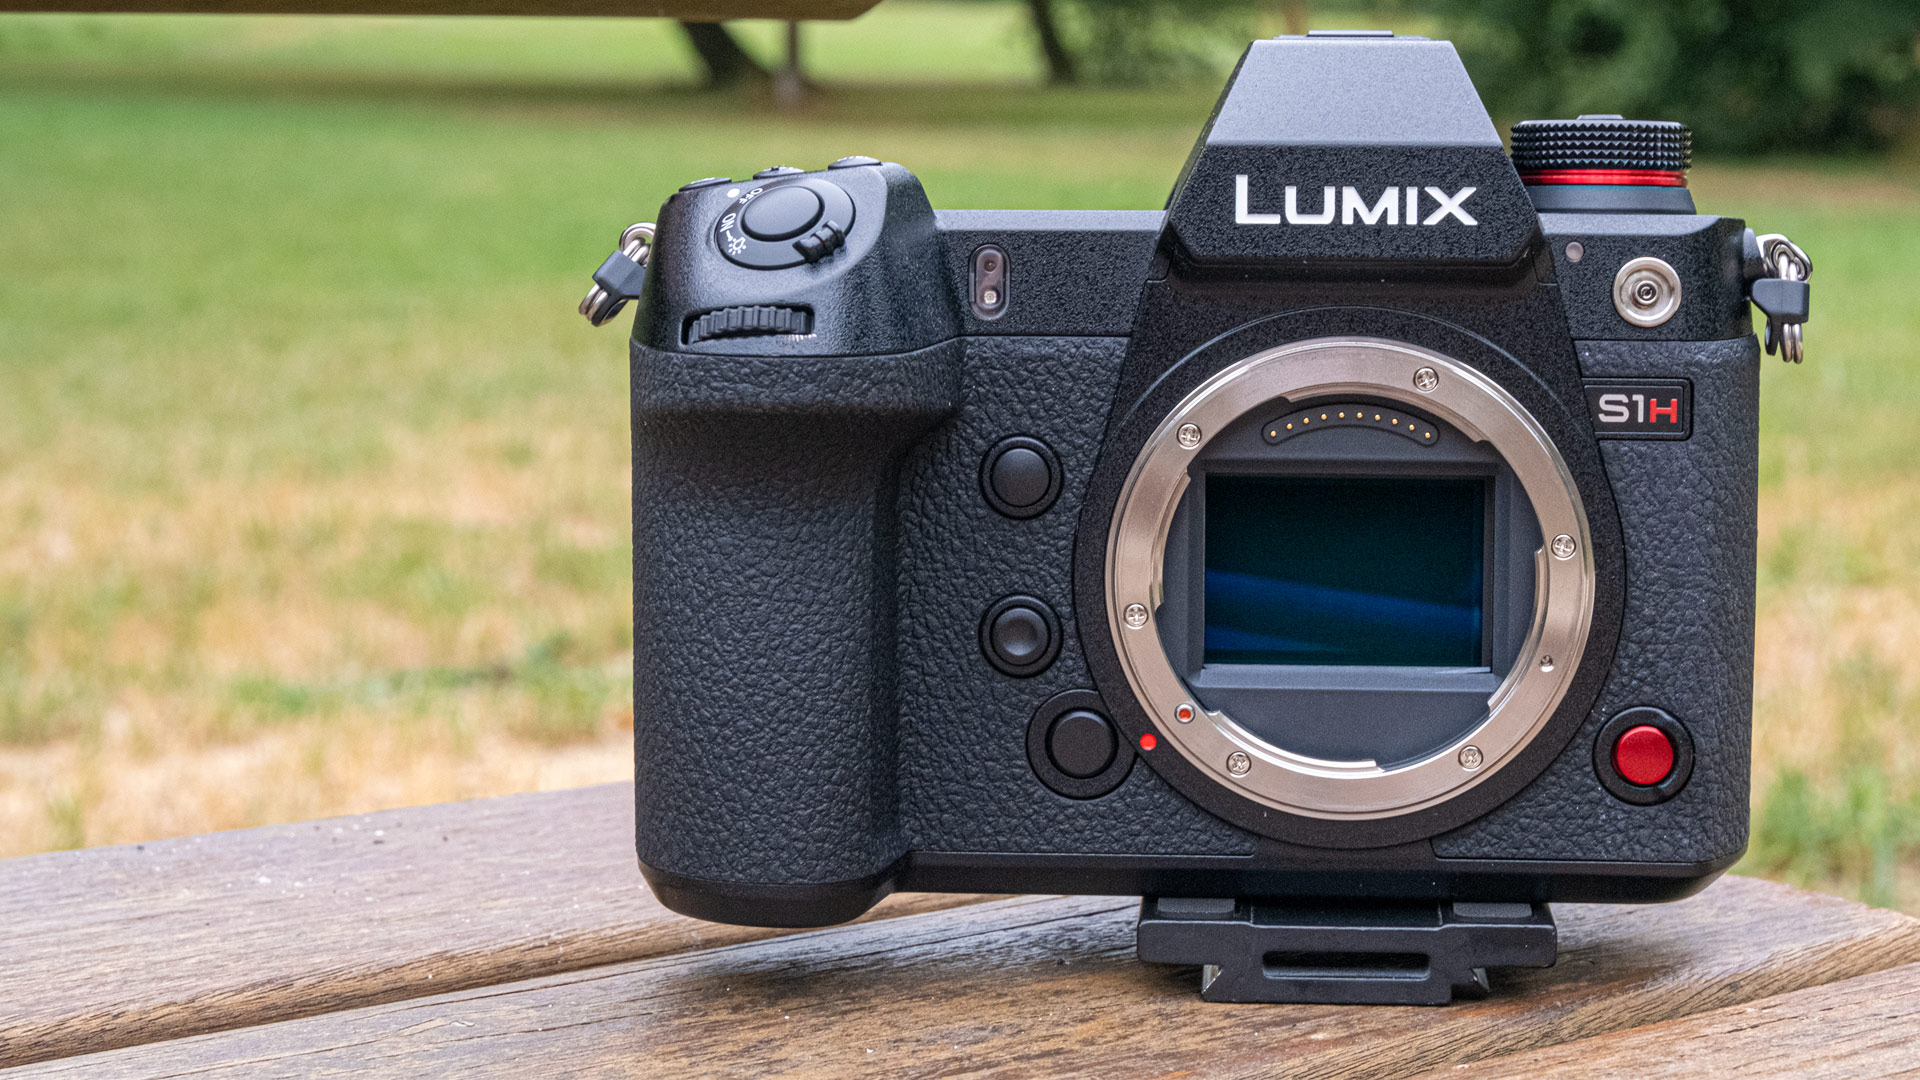 Panasonic LUMIX S1H – Especificaciones completas y detalles, primera impresión de la cámara sin espejo Full-Frame 6K